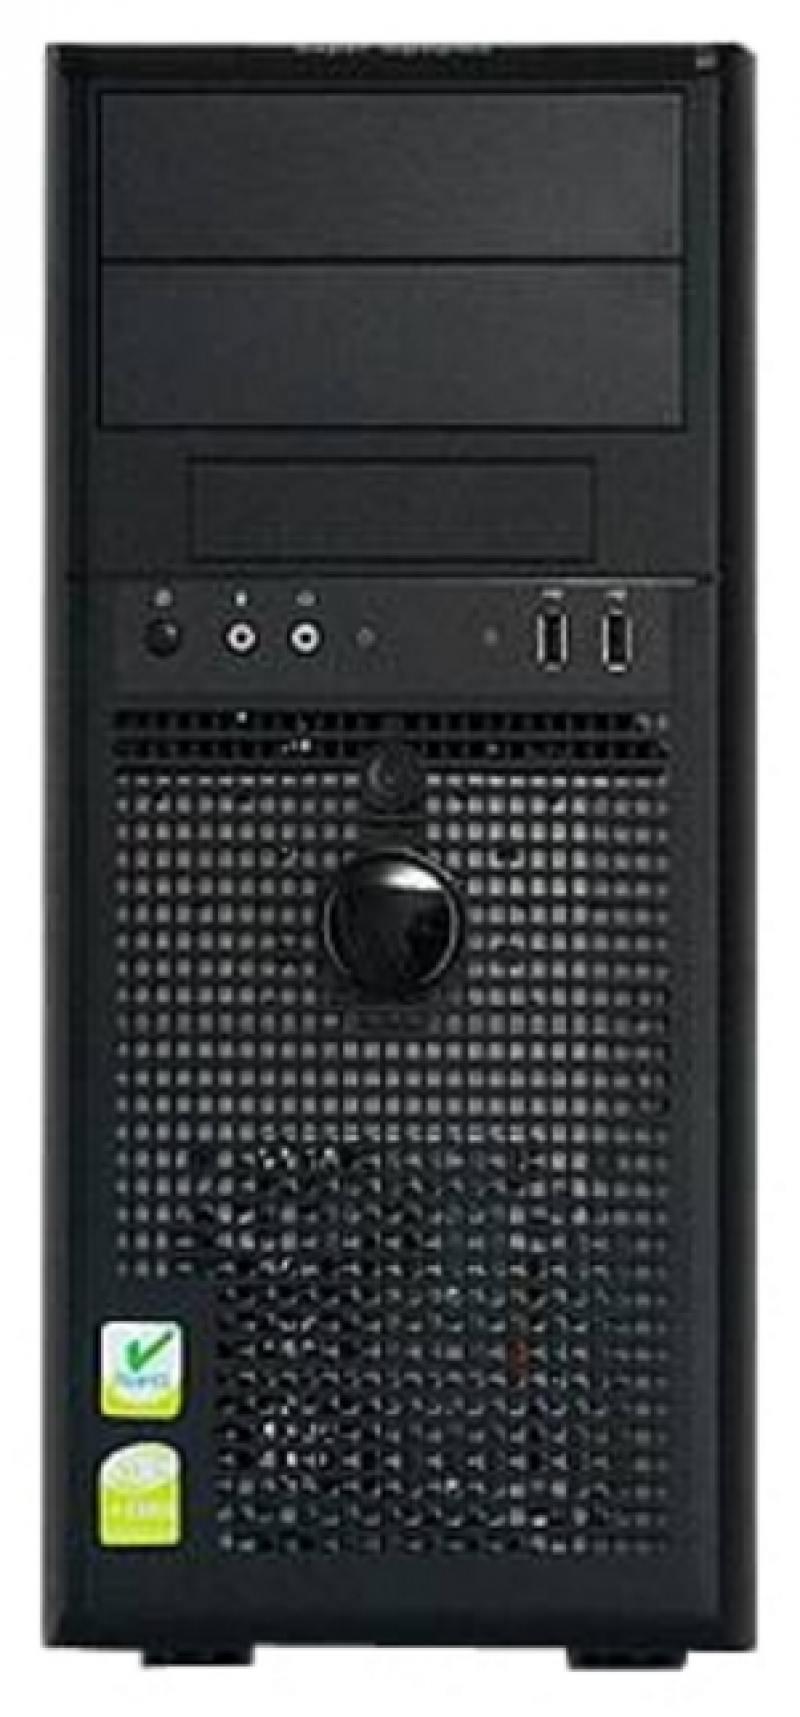 Корпус ATX PowerCool S8821BK 500 Вт чёрный корпус atx powercool metro g1 450 вт чёрный